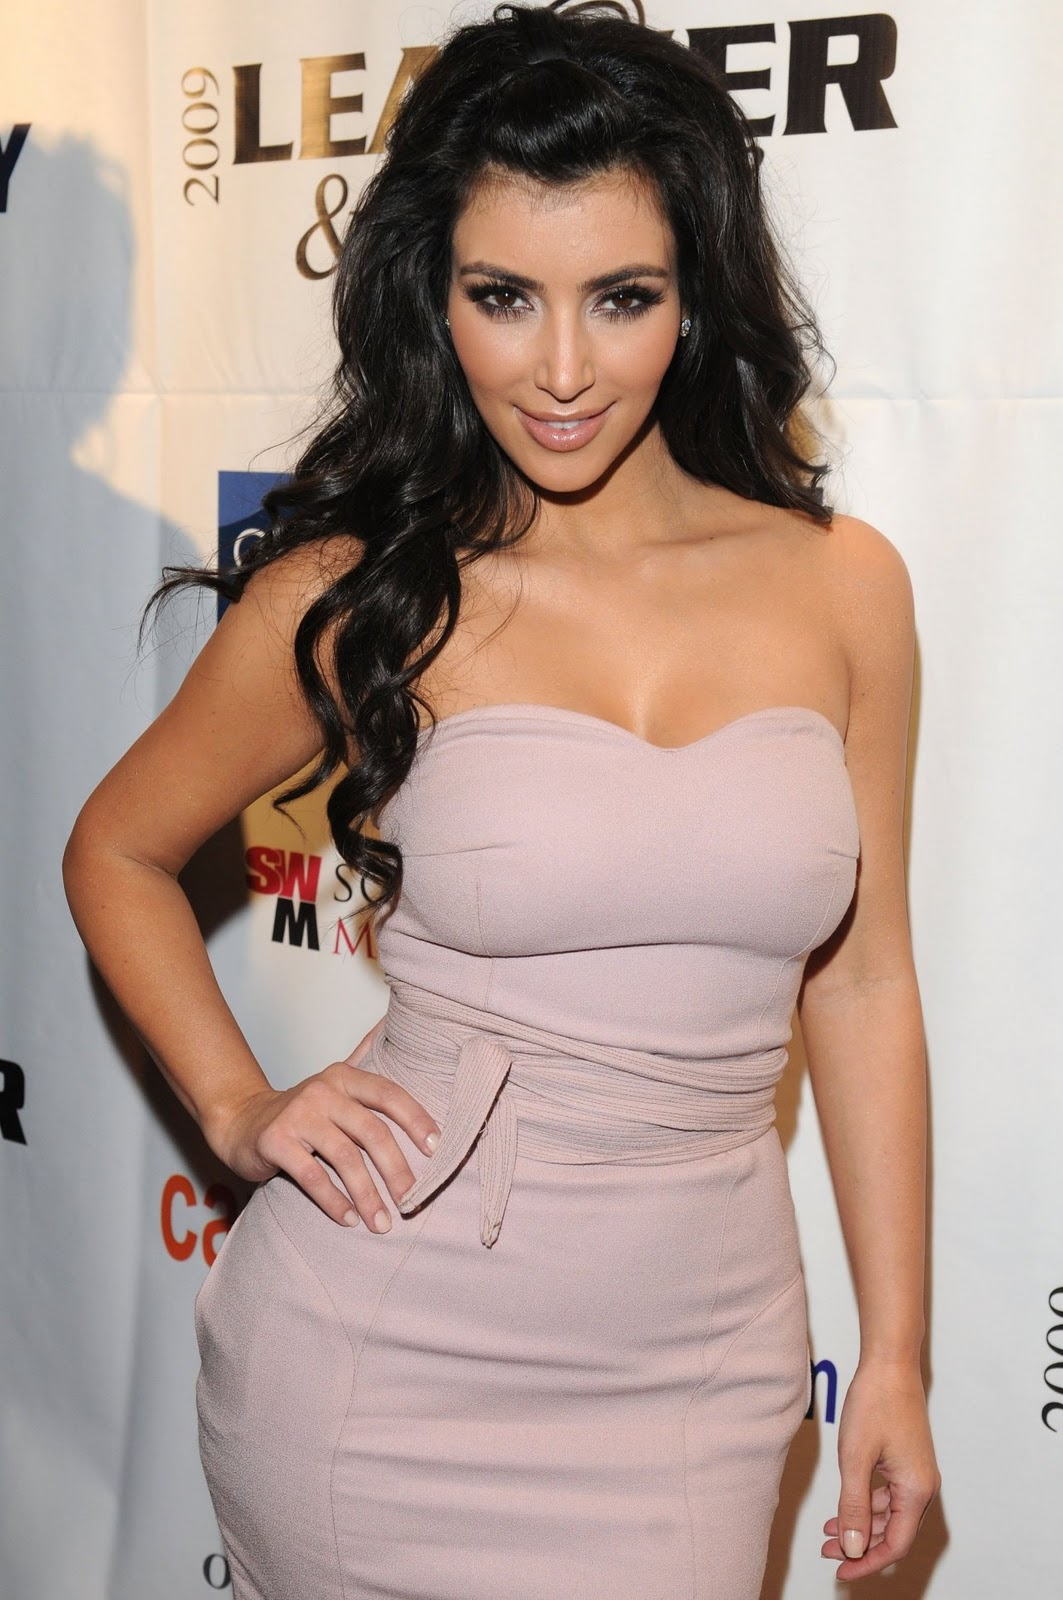 http://3.bp.blogspot.com/-uK1K-4_M_U8/TrNUjwx9qmI/AAAAAAAABxk/1u7Z3KmRL4E/s1600/Kim+Kardashian.jpg